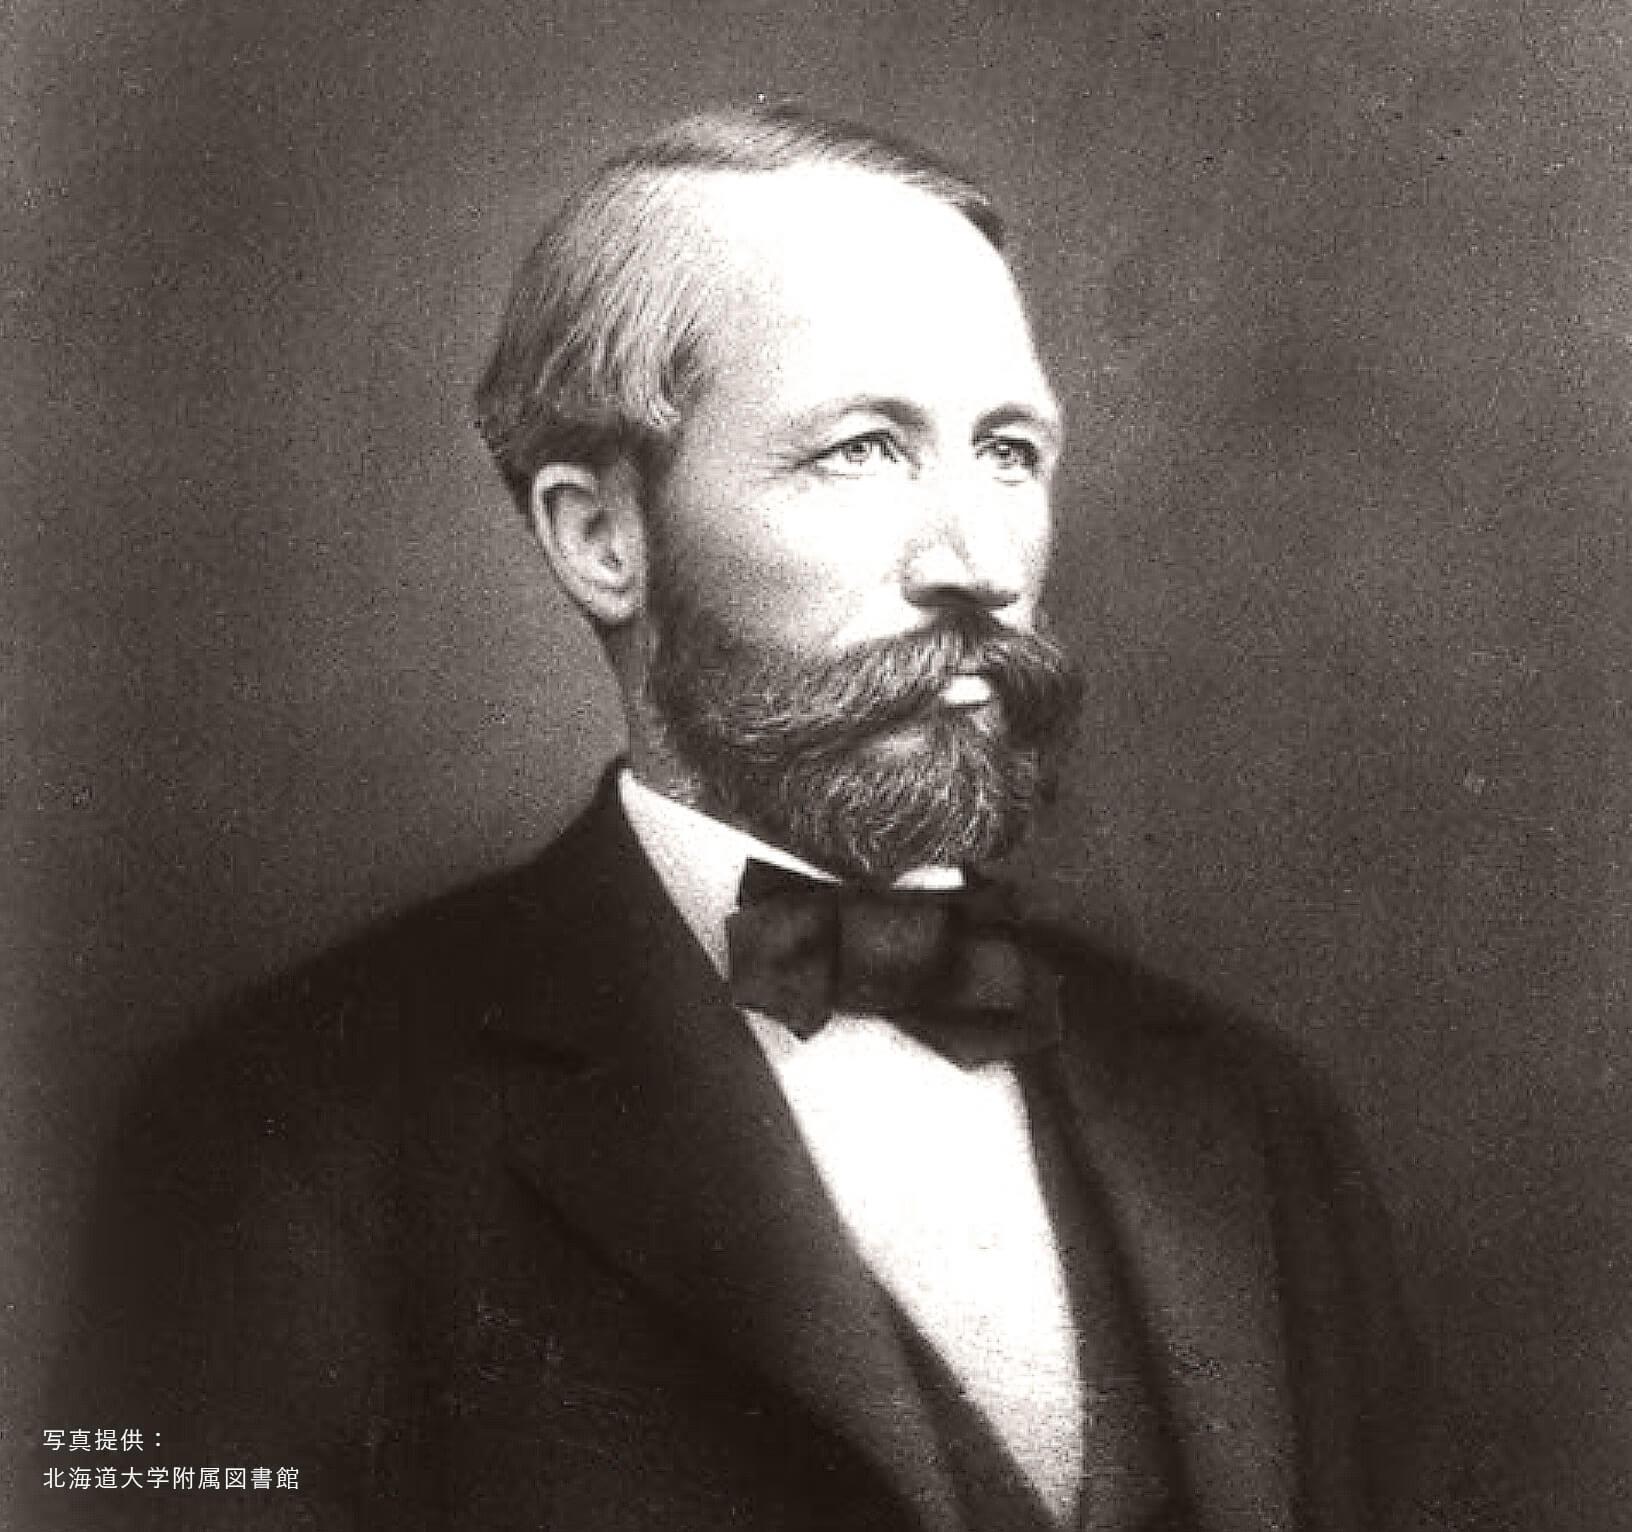 ウィリアム・スミス・クラーク